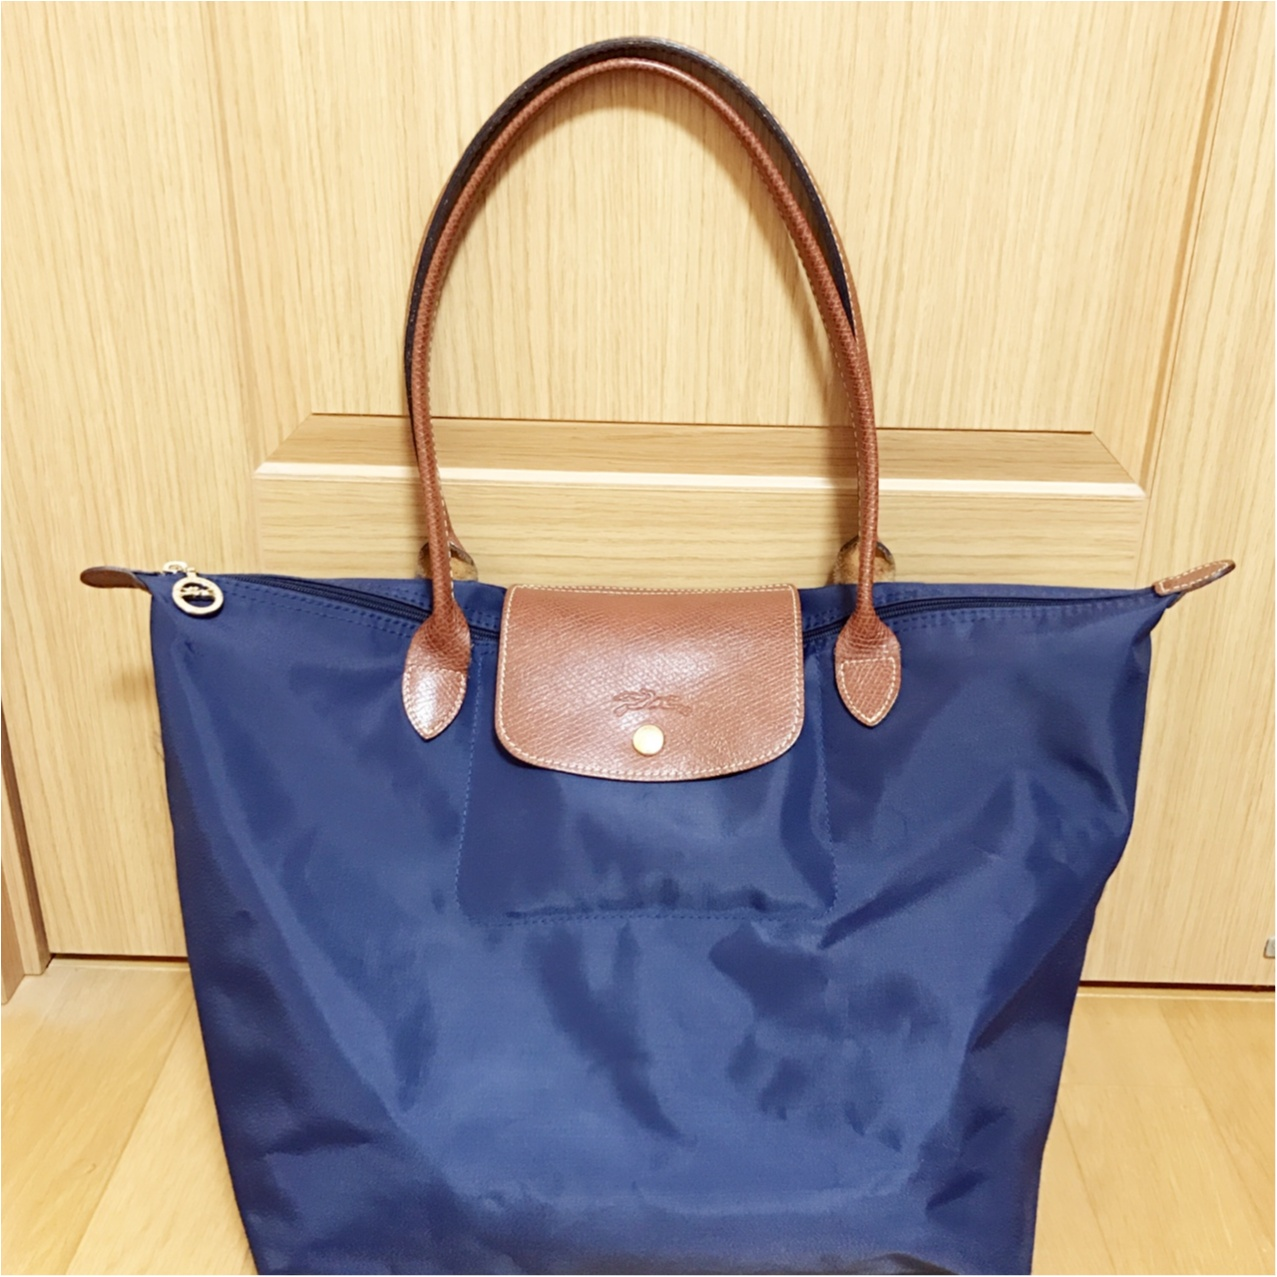 【○○で選ぶならコレ❤︎】私のお仕事バッグは《LONGCHAMP ル・プリアージュ》♡ _1